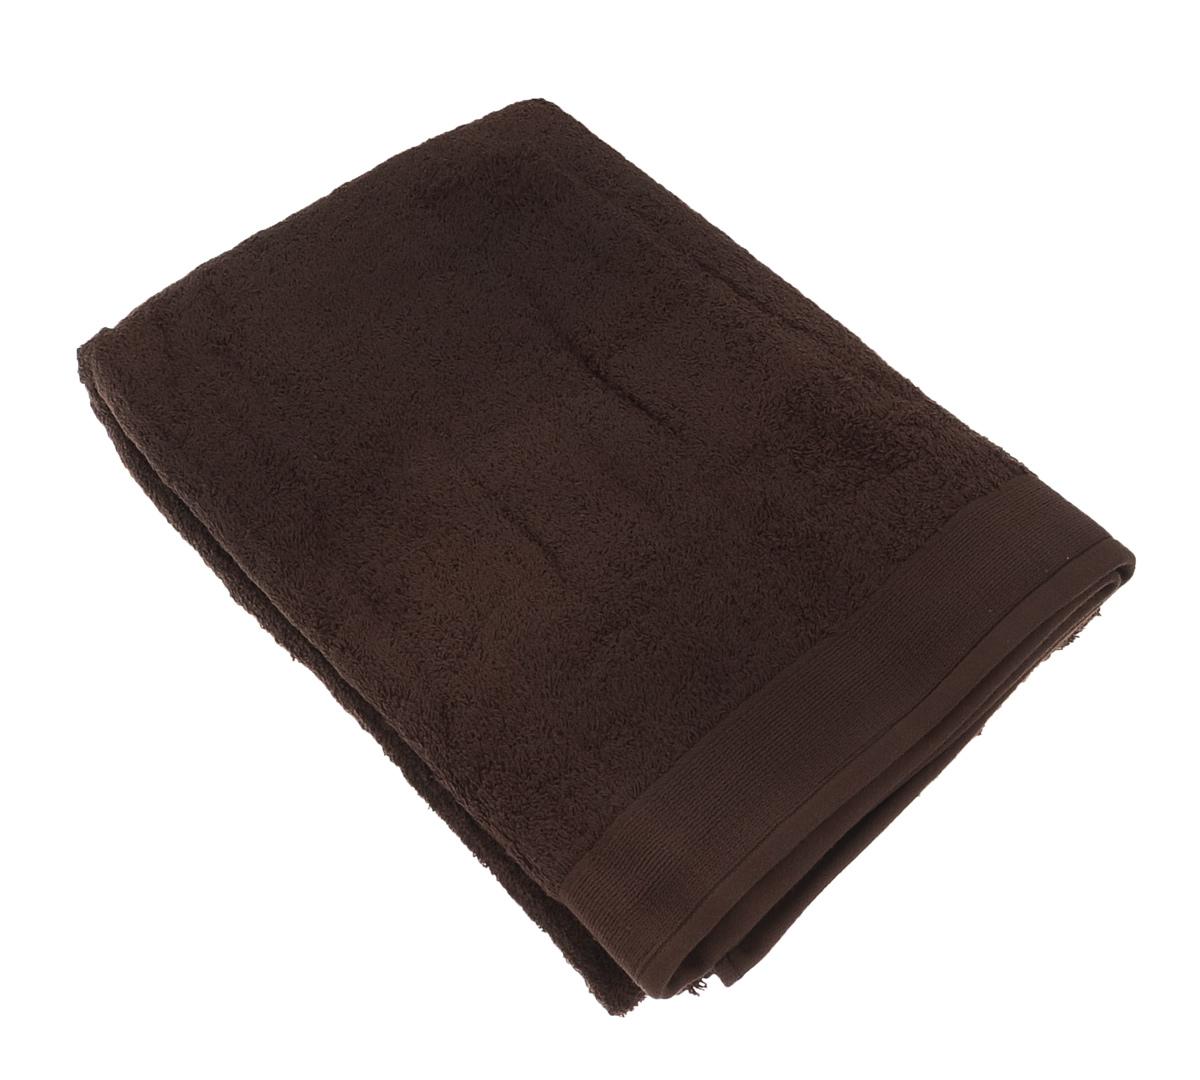 Полотенце махровое Guten Morgen, цвет: какао, 100 см х 150 смНПМсзел-4Махровое полотенце Guten Morgen, изготовленное из натурального хлопка, прекрасно впитывает влагу и быстро сохнет. Высокая плотность ткани делает полотенце мягкими, прочными и пушистыми. При соблюдении рекомендаций по уходу изделие сохраняет яркость цвета и не теряет форму даже после многократных стирок. Махровое полотенце Guten Morgen станет достойным выбором для вас и приятным подарком для ваших близких. Мягкость и высокое качество материала, из которого изготовлено полотенце, не оставит вас равнодушными.